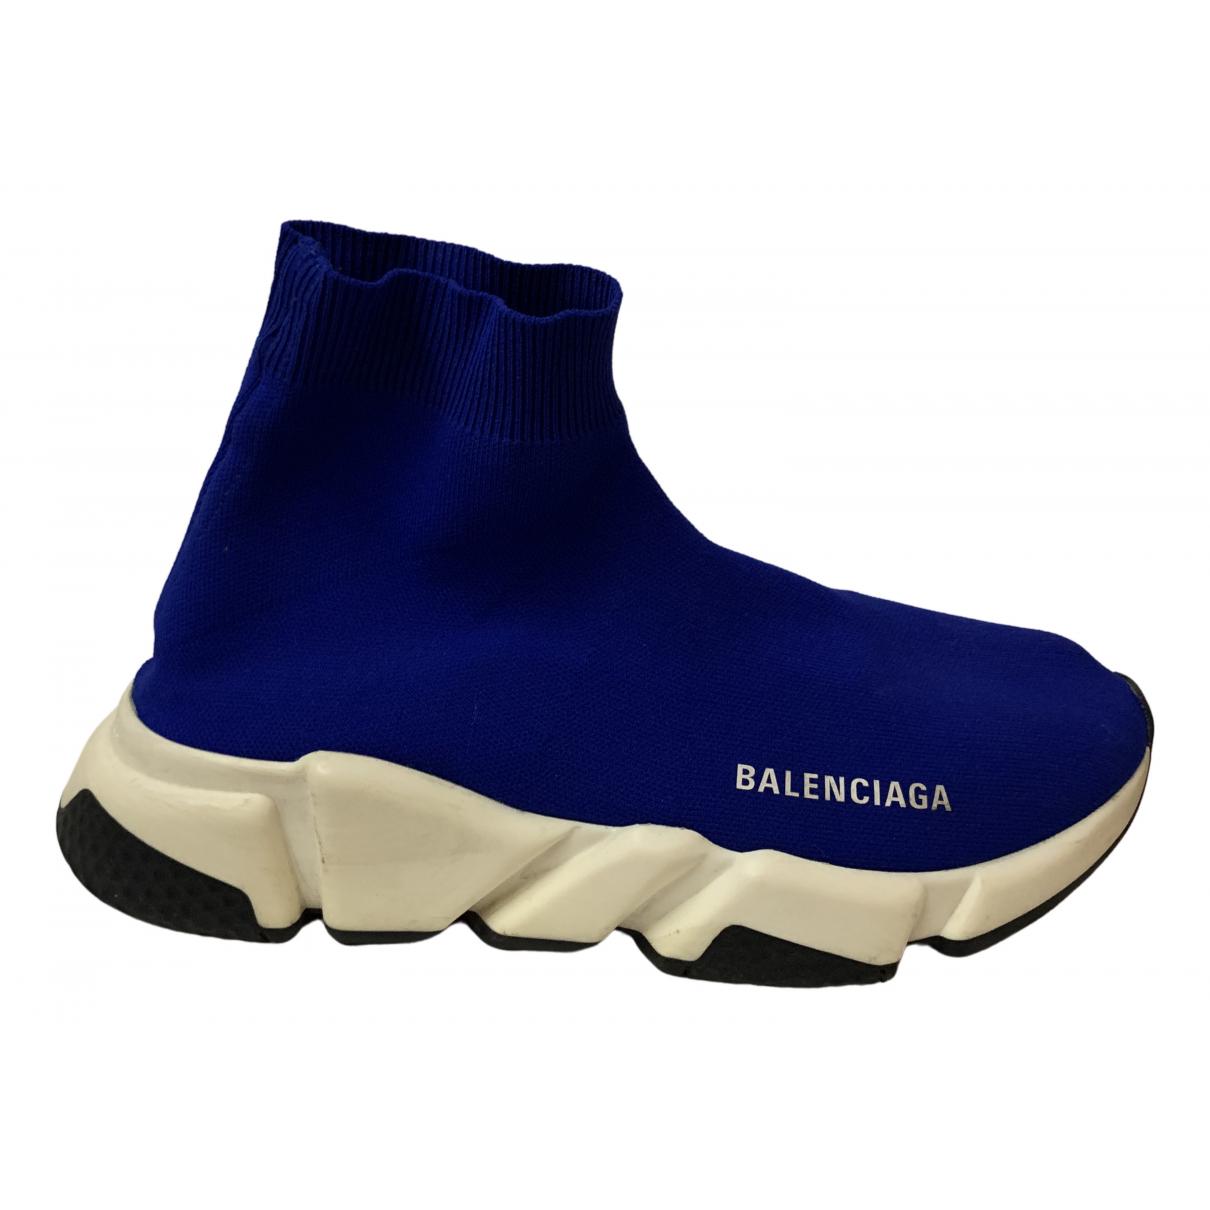 Balenciaga - Baskets Speed pour femme en toile - bleu